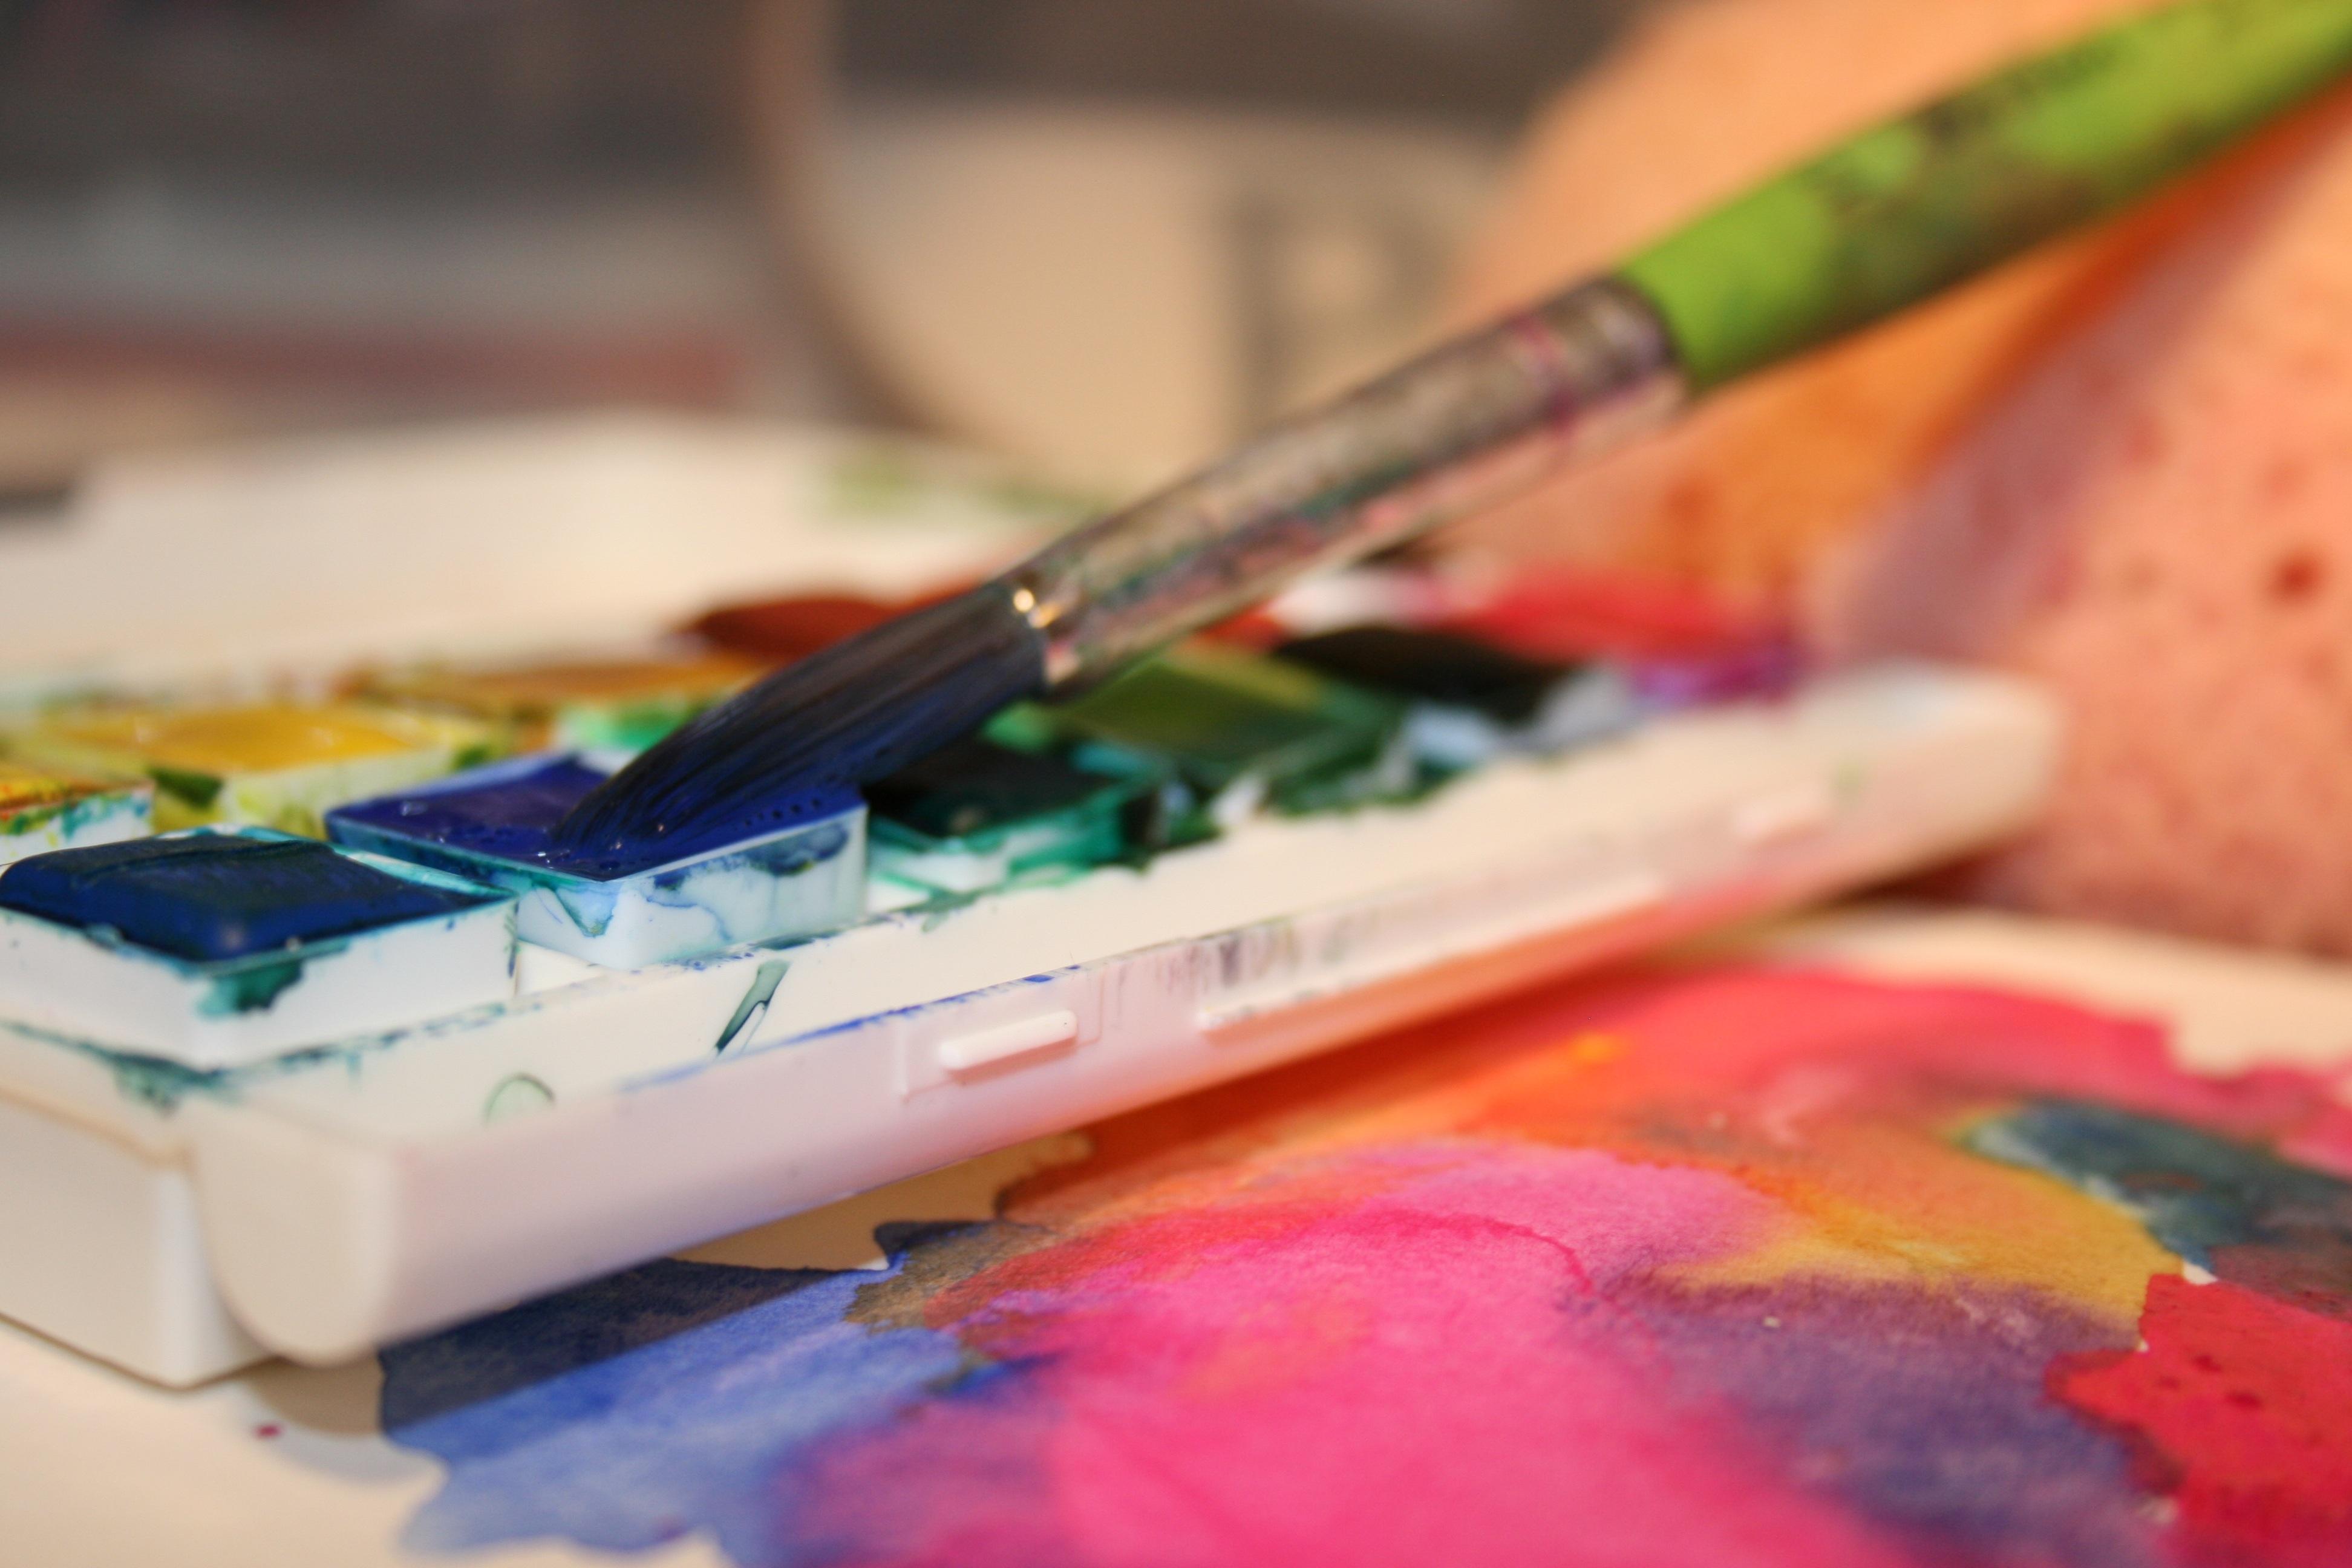 Fotoğraf Yazı Fırça Renk Boya Suluboya Kapatmak Imge çekmek